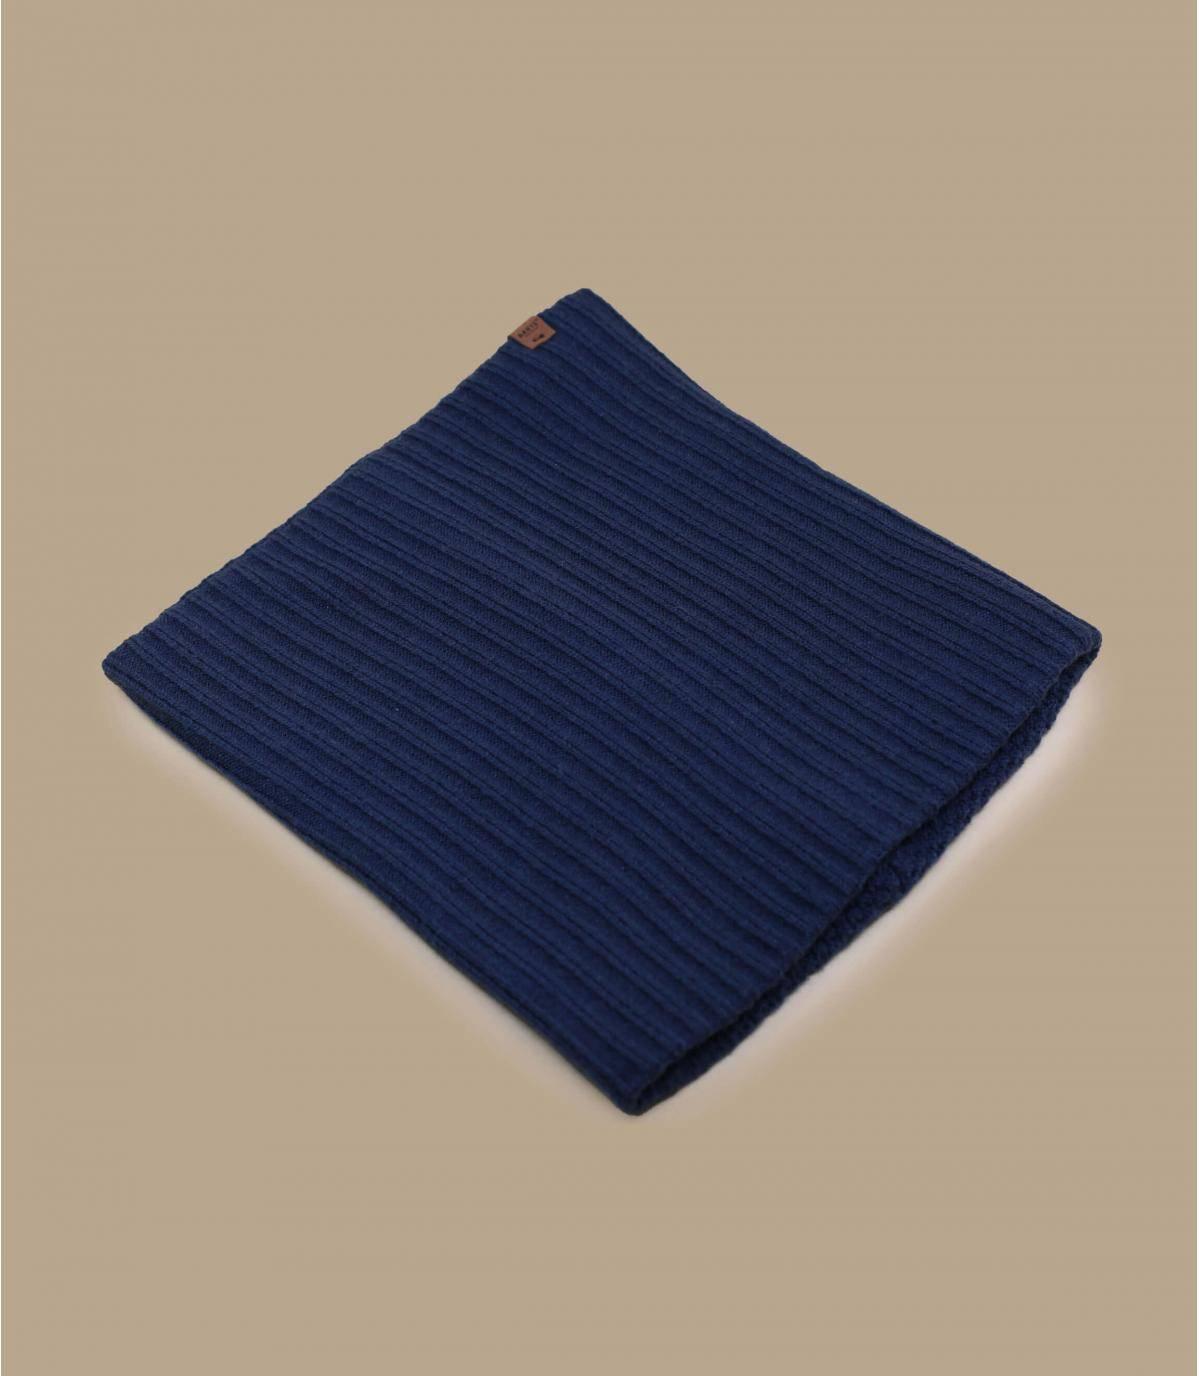 Indossa questo scaldacollo blu navy da un lato o dall'altro, a seconda che tu voglia mostrare la struttura a coste o meno. È fatto con fibre riciclate e il materiale è caldo, morbido e resistente.